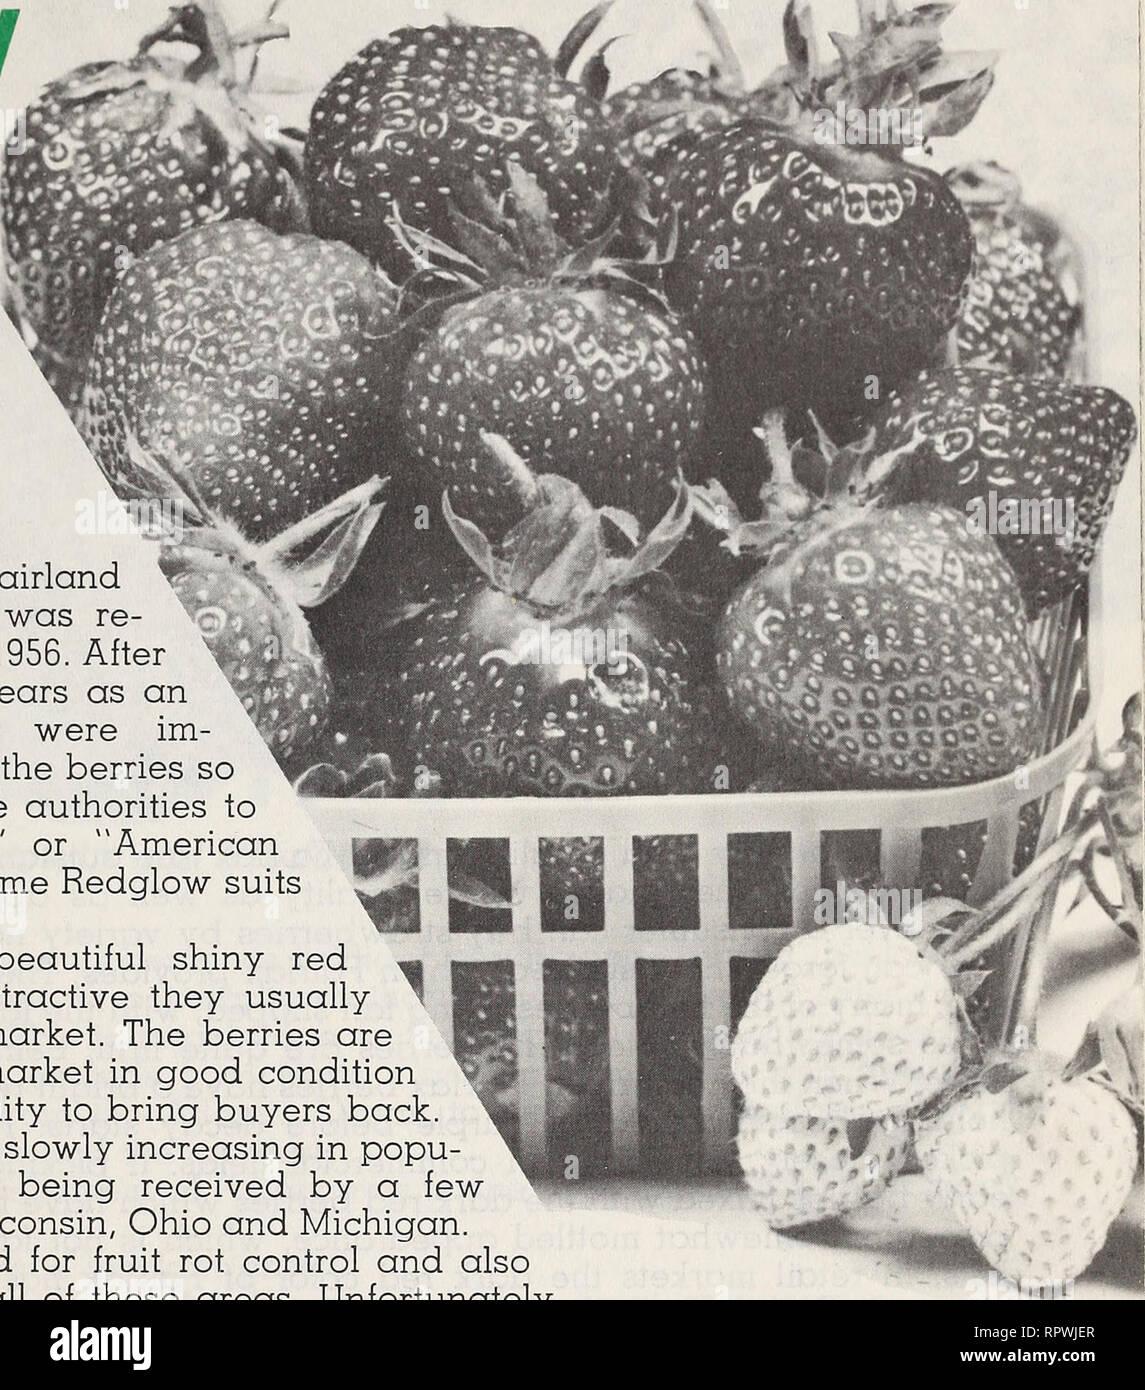 Allen en 1962 Libro de bayas. Viveros (horticultura) Catálogos de  Salisbury dd6c4e15136c